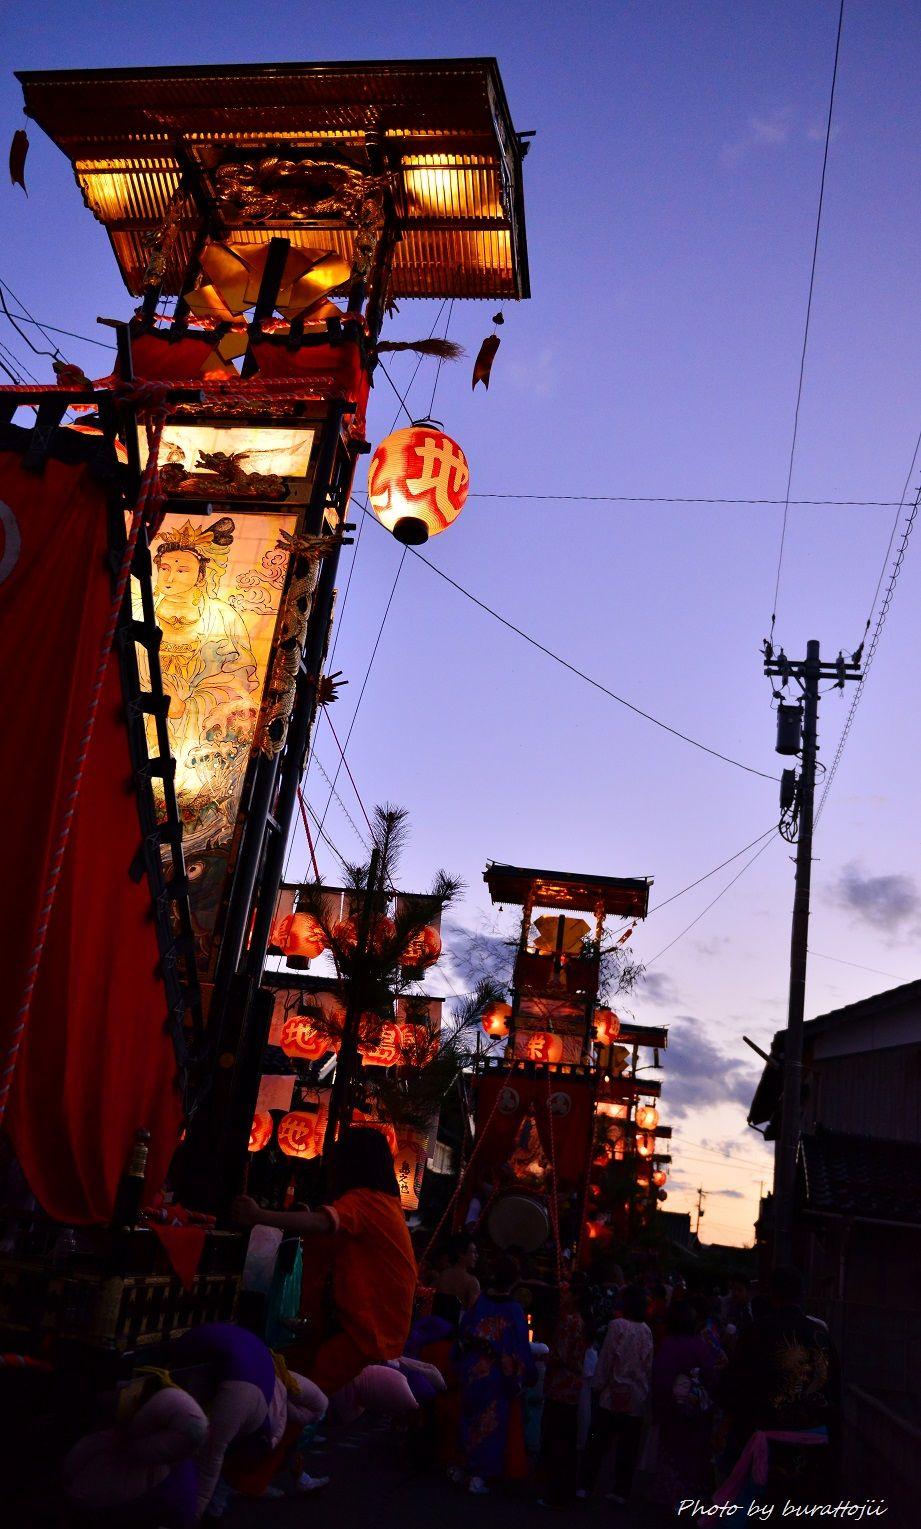 2014.09.11蛸島キリコ祭りの夜3